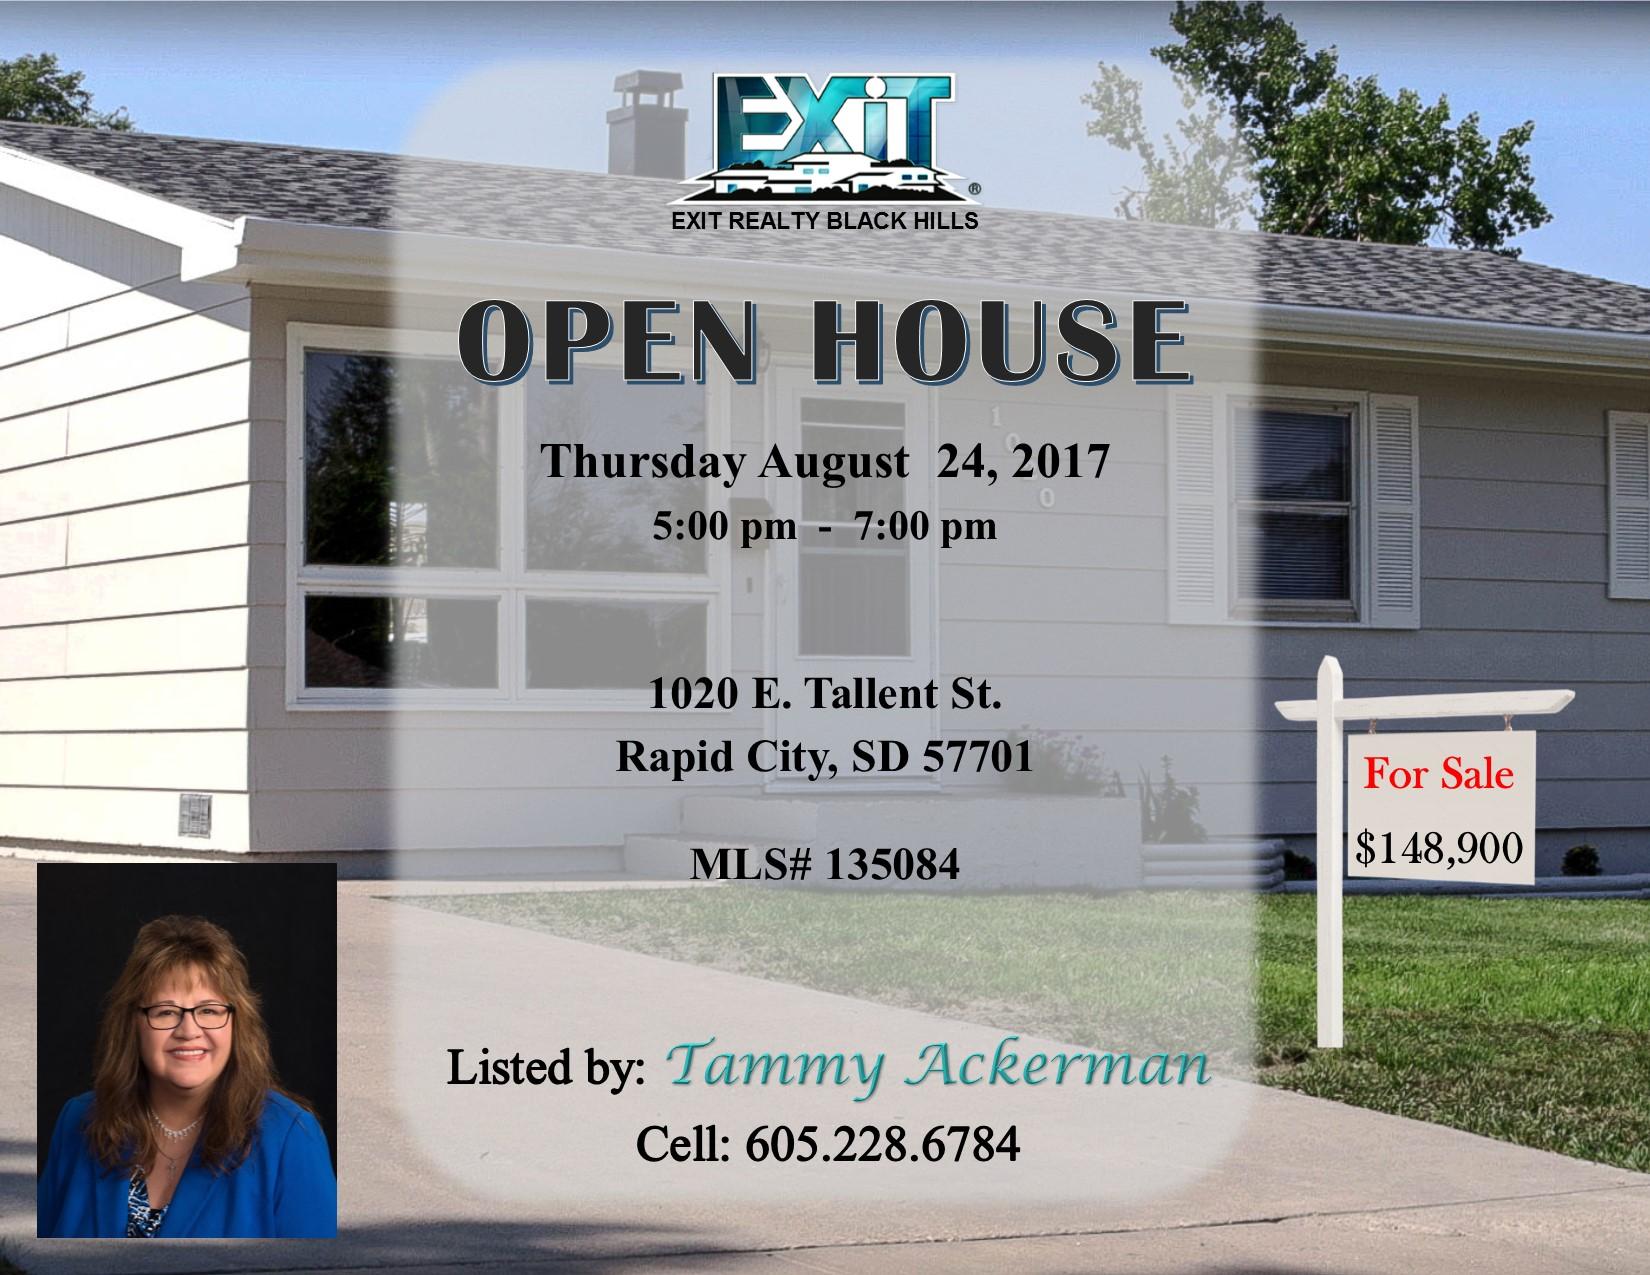 OPEN HOUSE for Thursday August 24, 2017